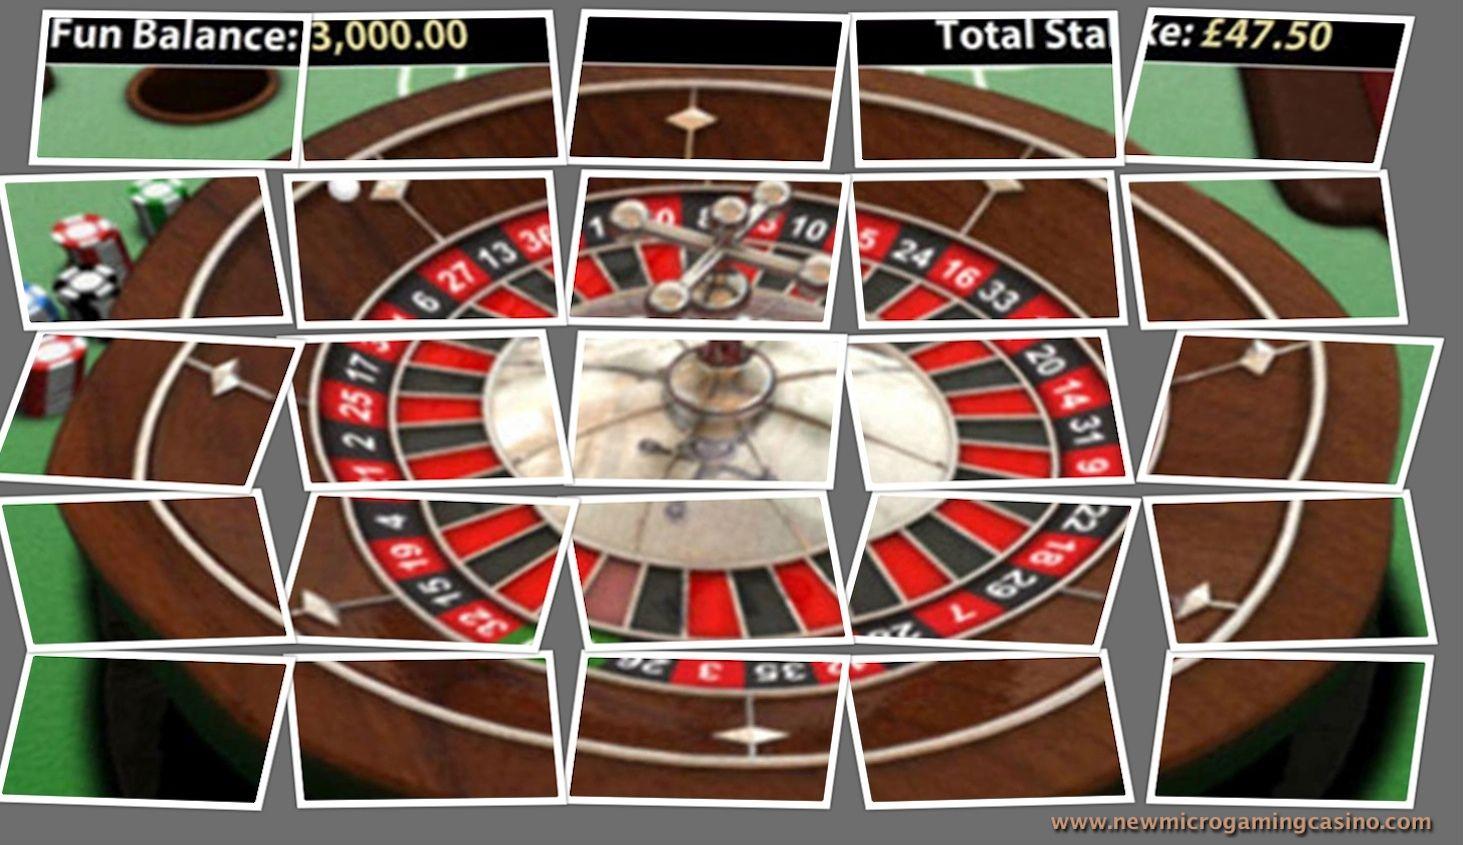 Legit gambling online gambling ring bust